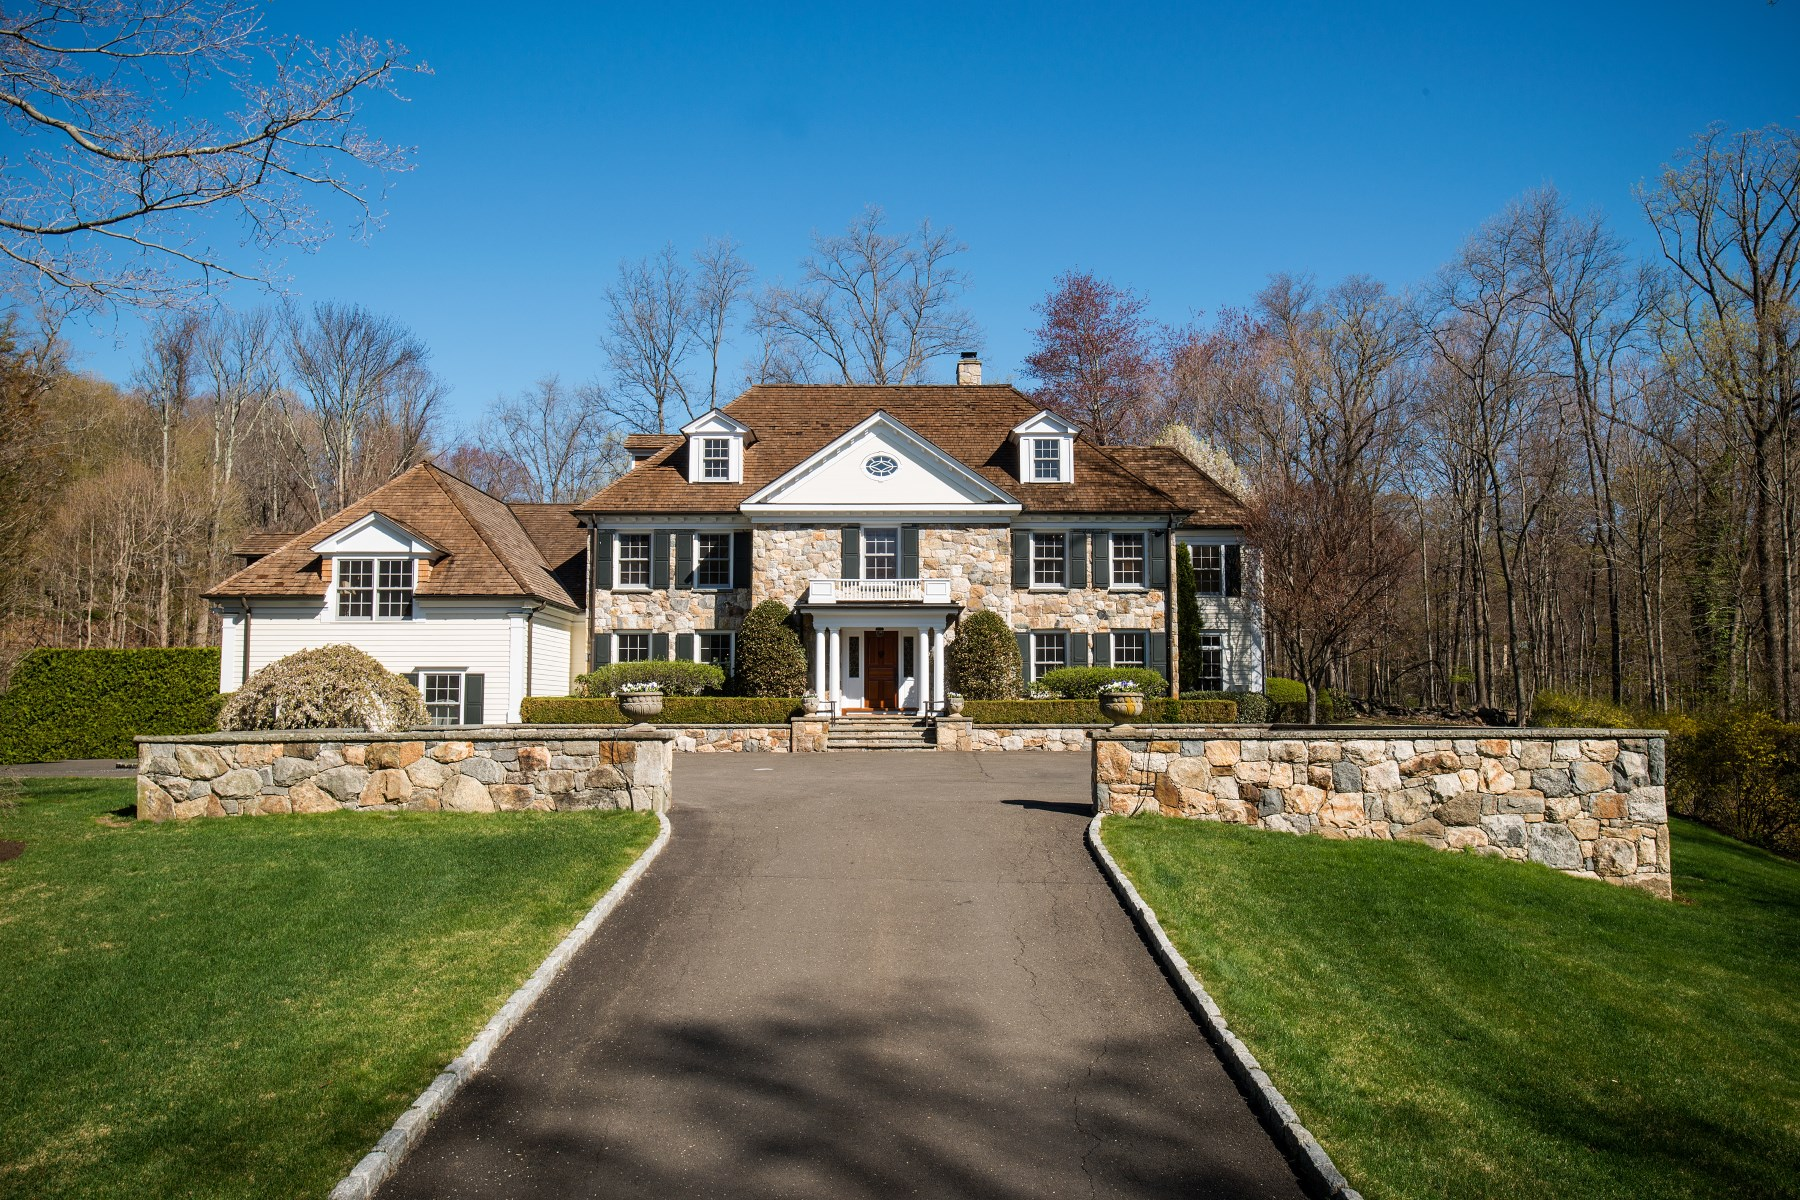 Maison unifamiliale pour l Vente à Mid-Country Retreat 122 Butternut Hollow Road Mid-Country, Greenwich, Connecticut 06830 États-Unis